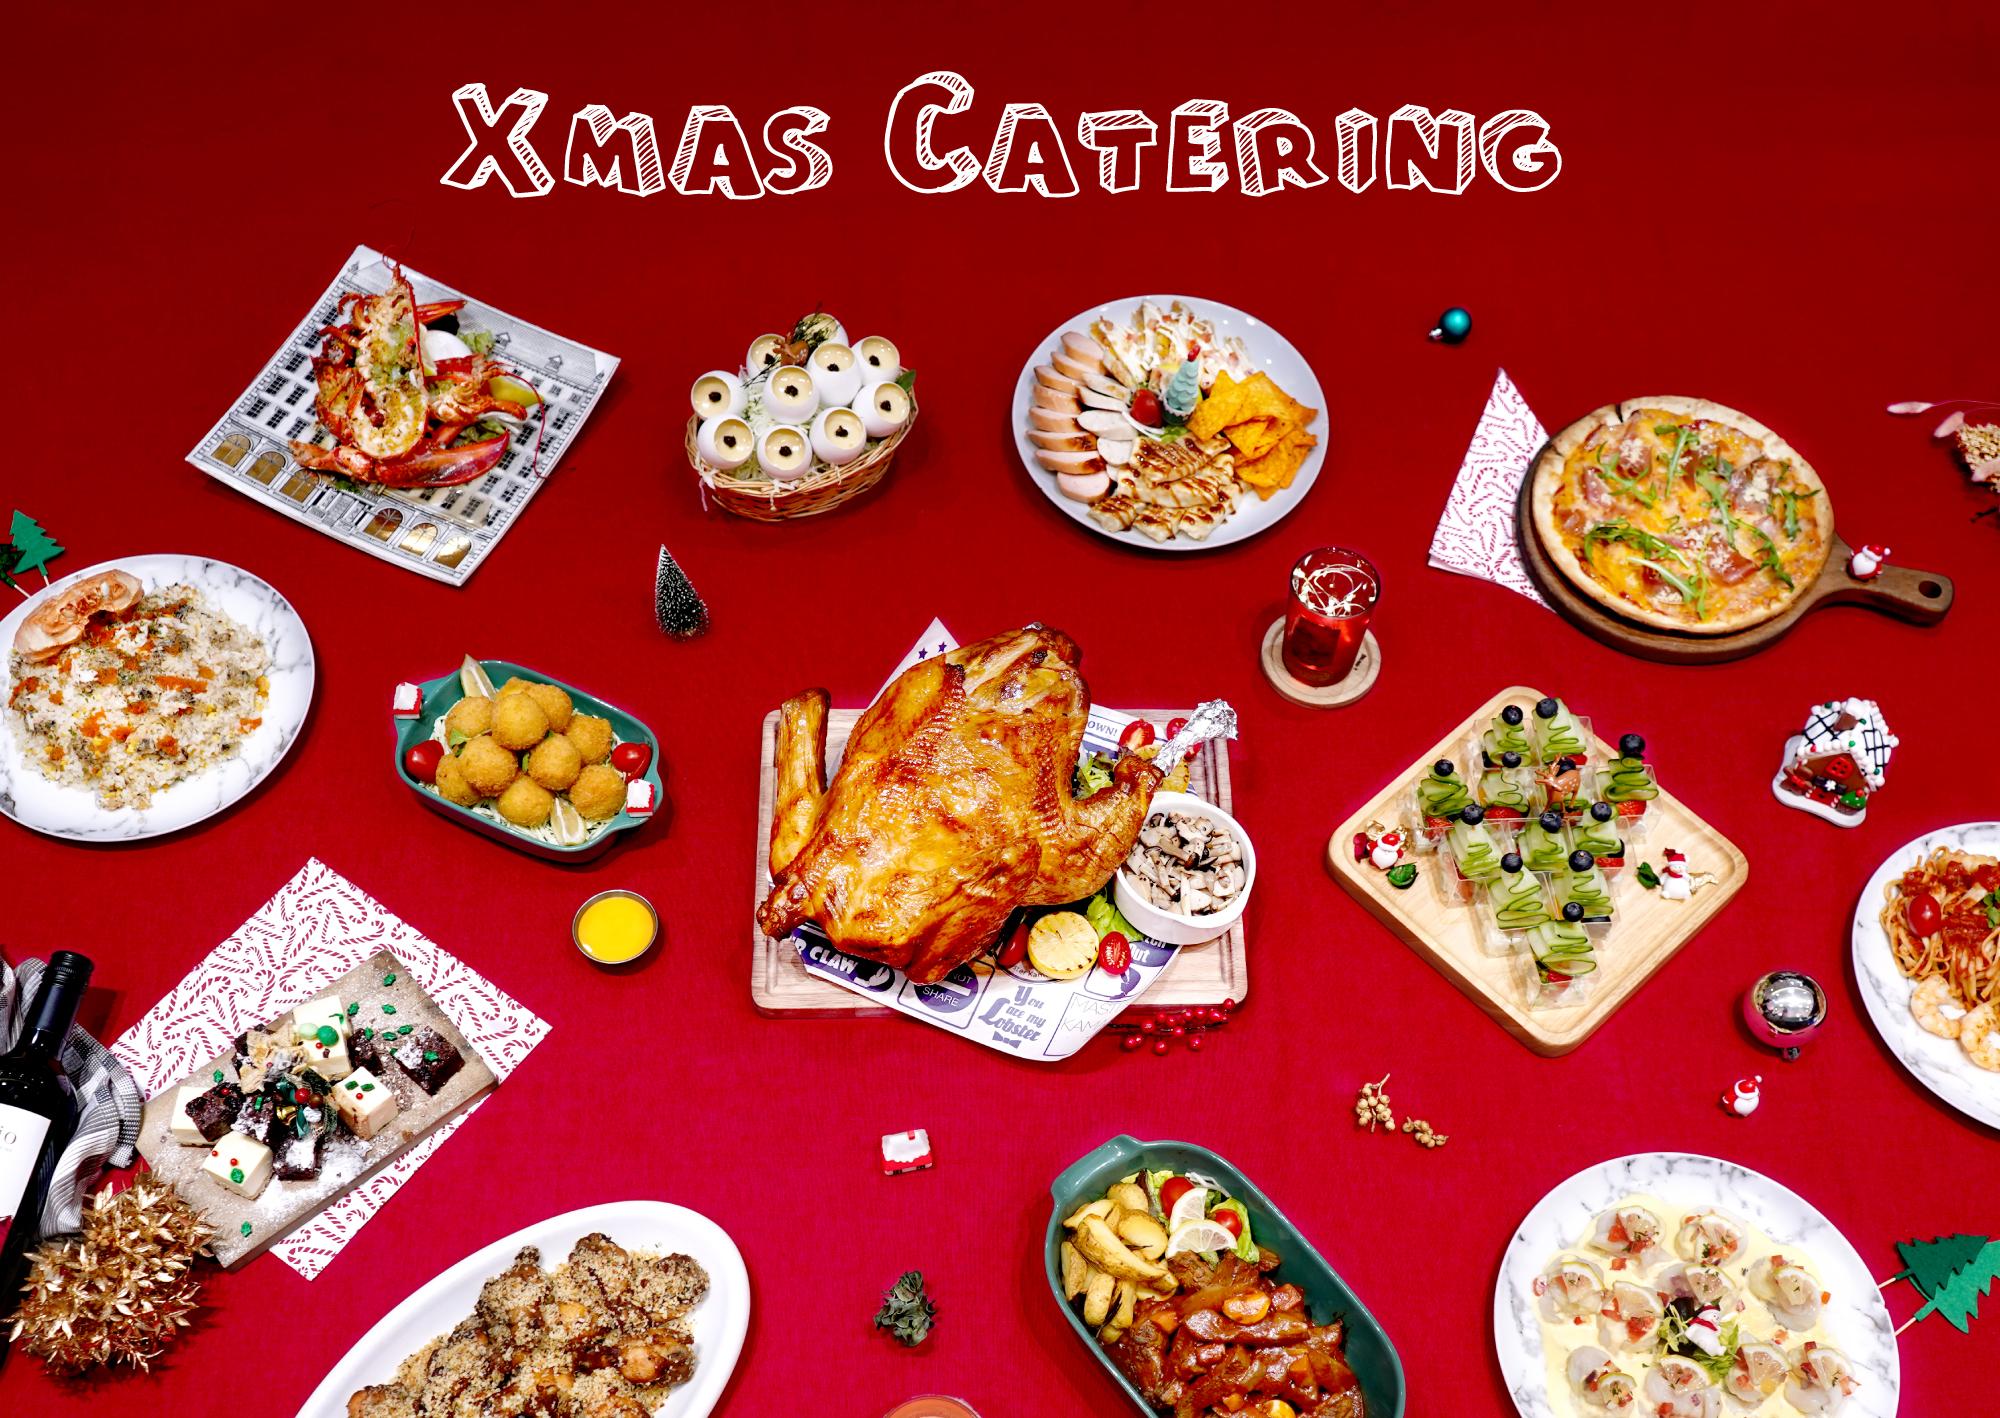 聖誕節到會服務推介|提供多款聖誕到會套餐外賣運送至全港,我們亦可特地為企業或私人派對制作特定聖誕節餐單,務求滿足各類派對到會的需求。歡迎聯絡我們查詢!